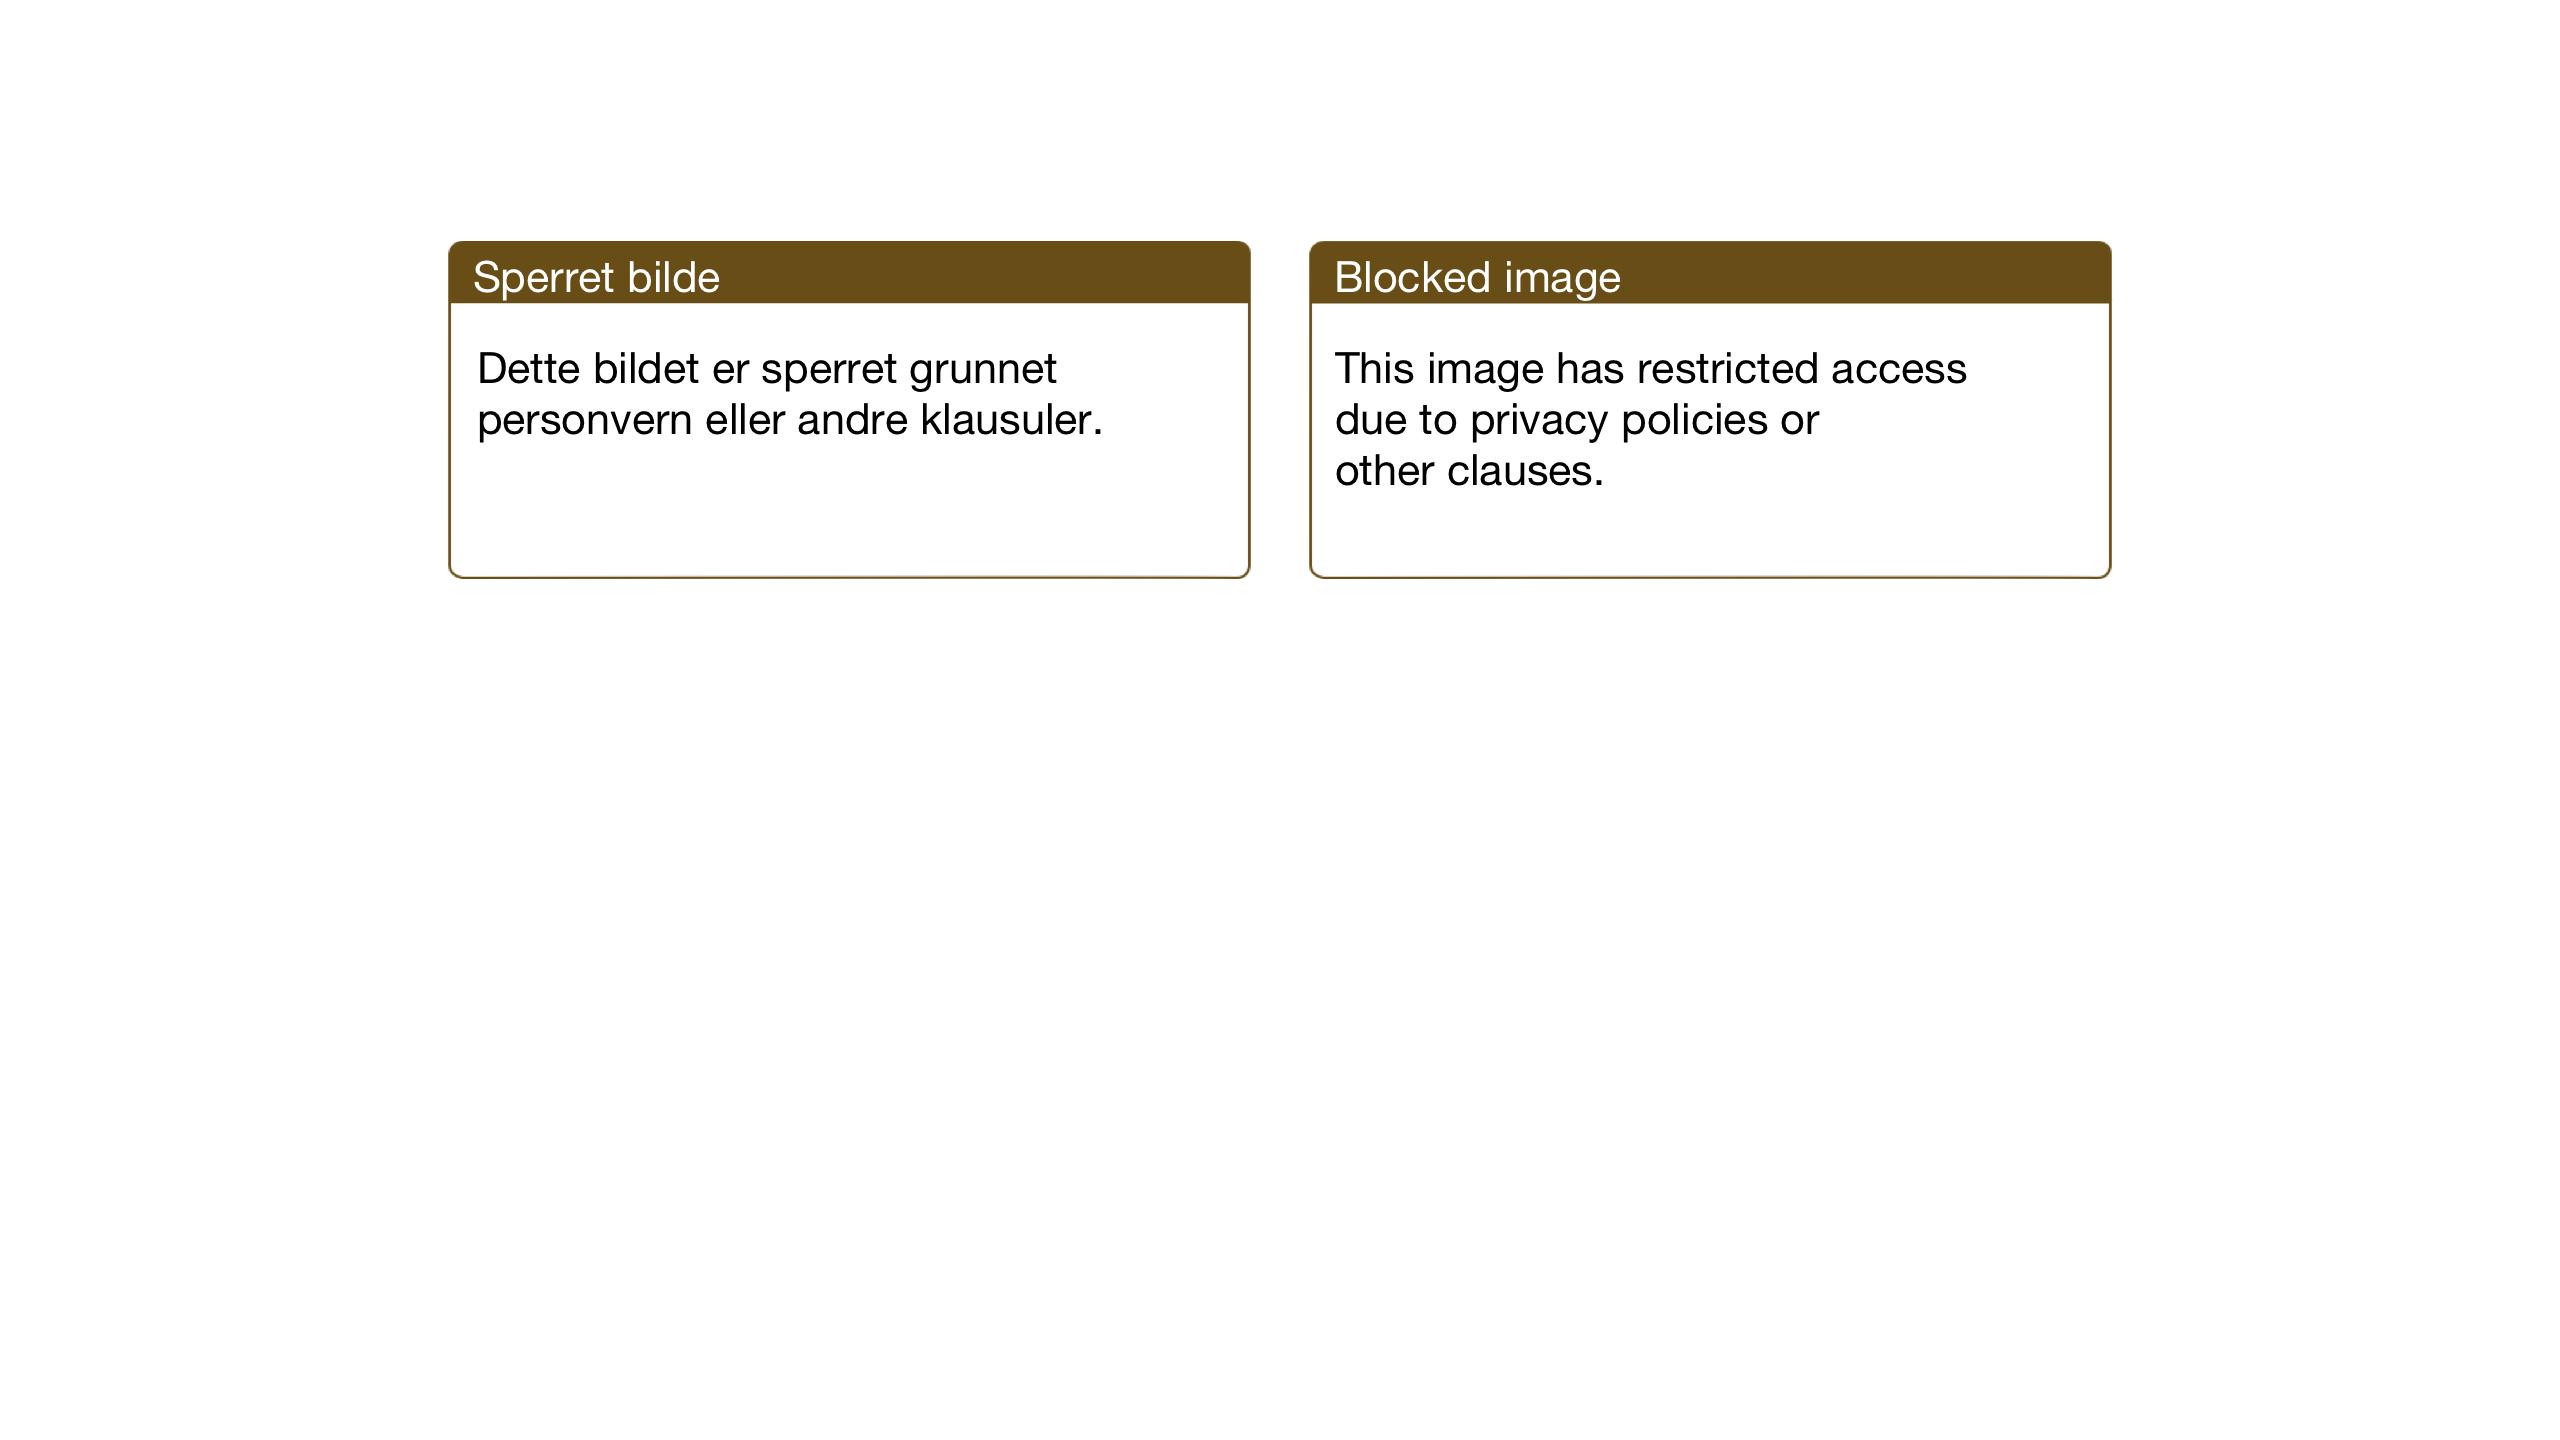 SAT, Ministerialprotokoller, klokkerbøker og fødselsregistre - Nord-Trøndelag, 755/L0500: Klokkerbok nr. 755C01, 1920-1962, s. 23